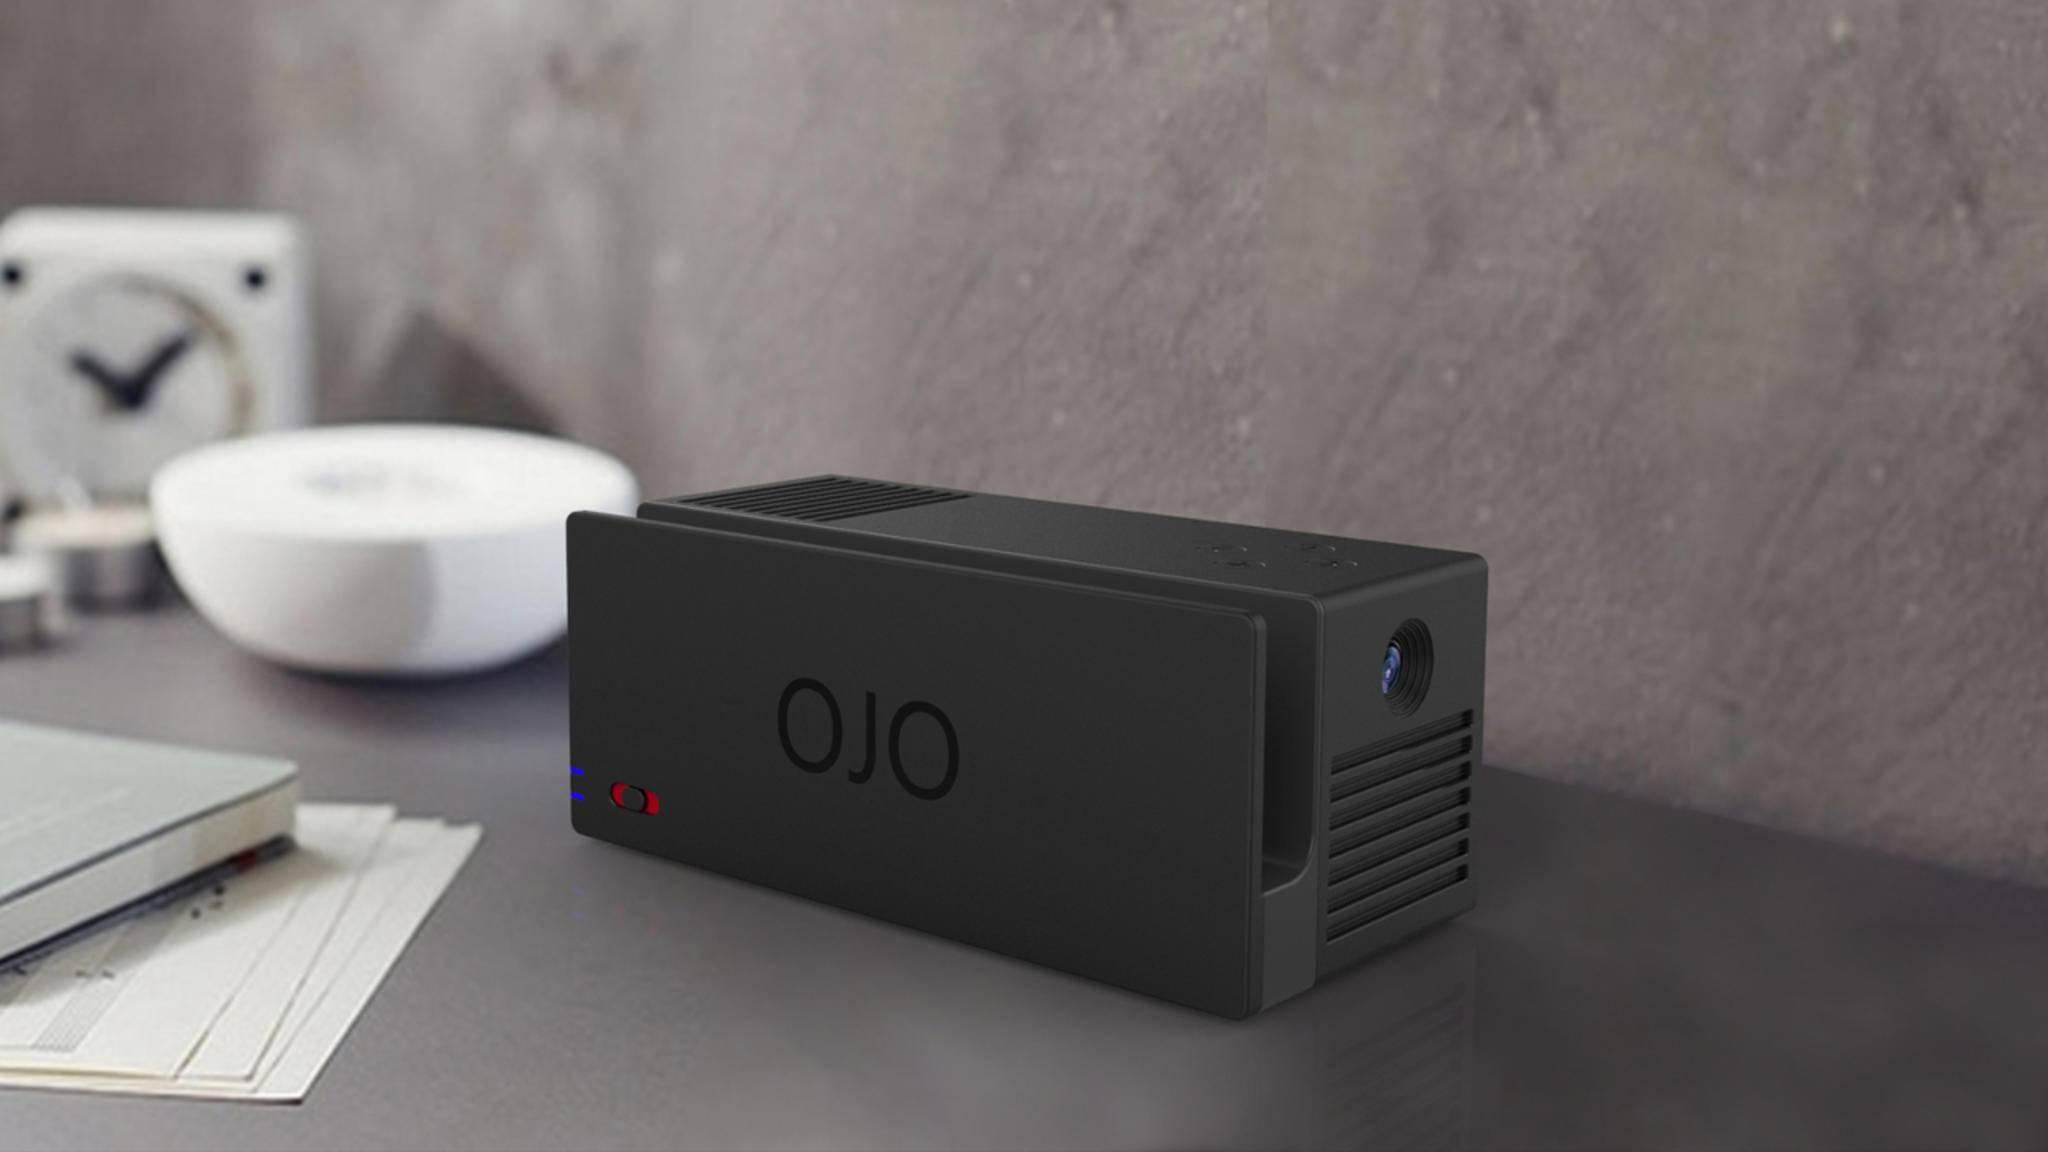 Das OJO-Dock für die Nintendo Switch soll einen Fernseher überflüssig machen.